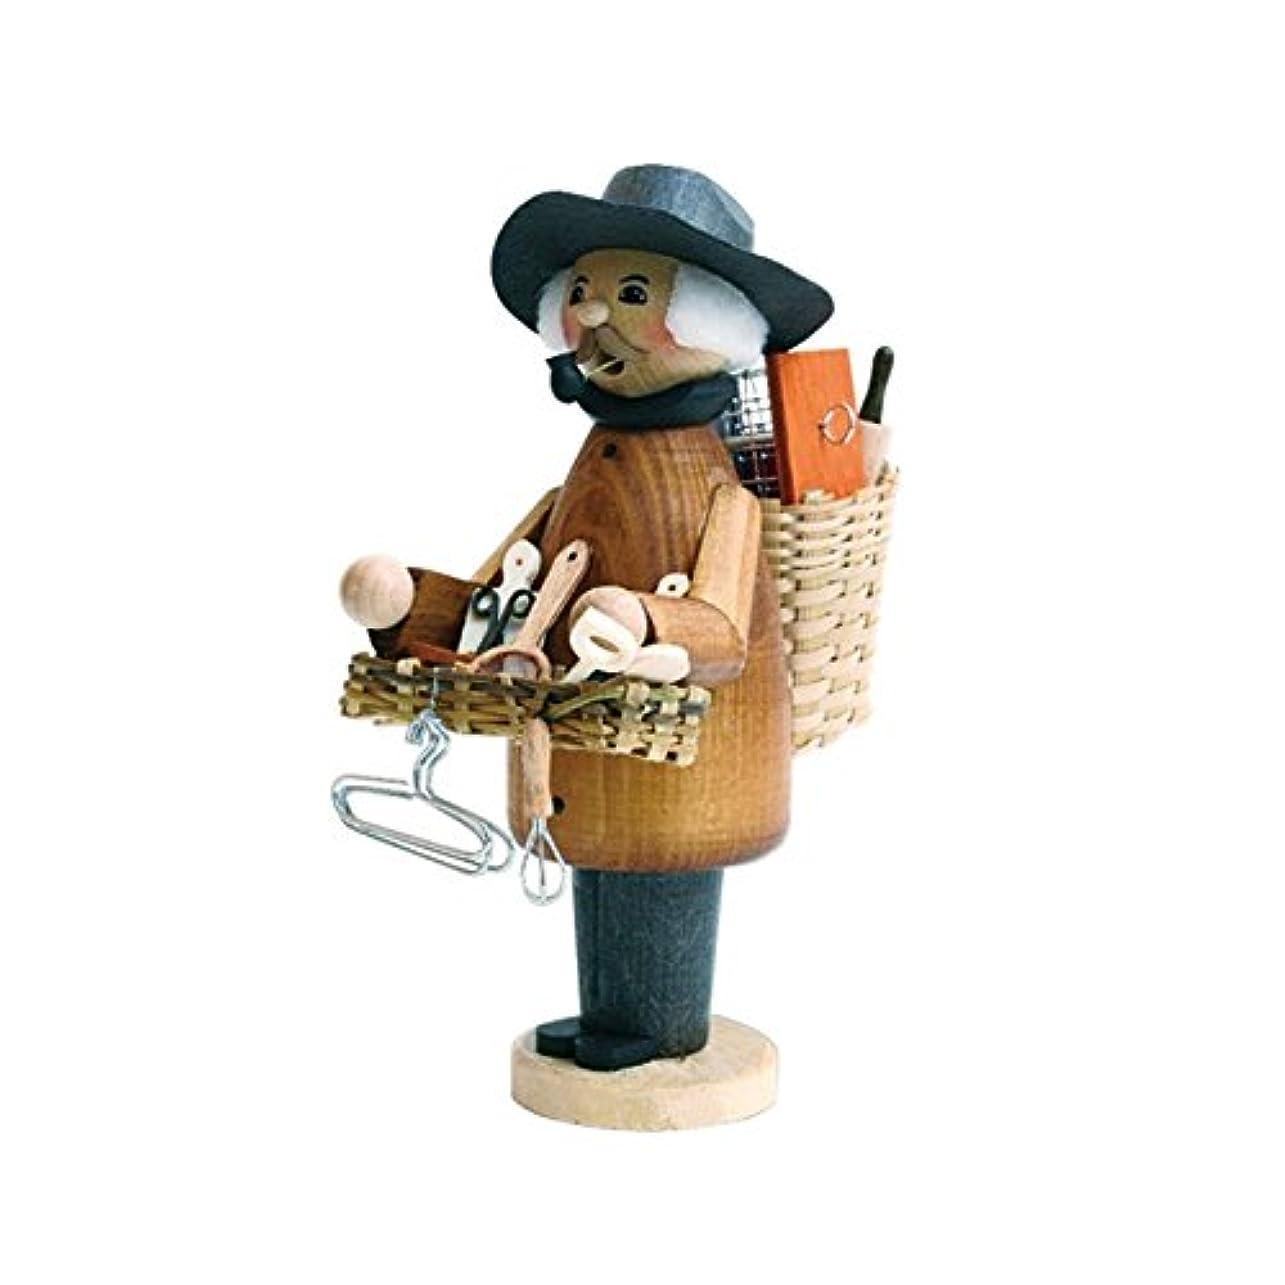 恐れる下出くわすクーネルト ミニパイプ人形香炉 道具売り